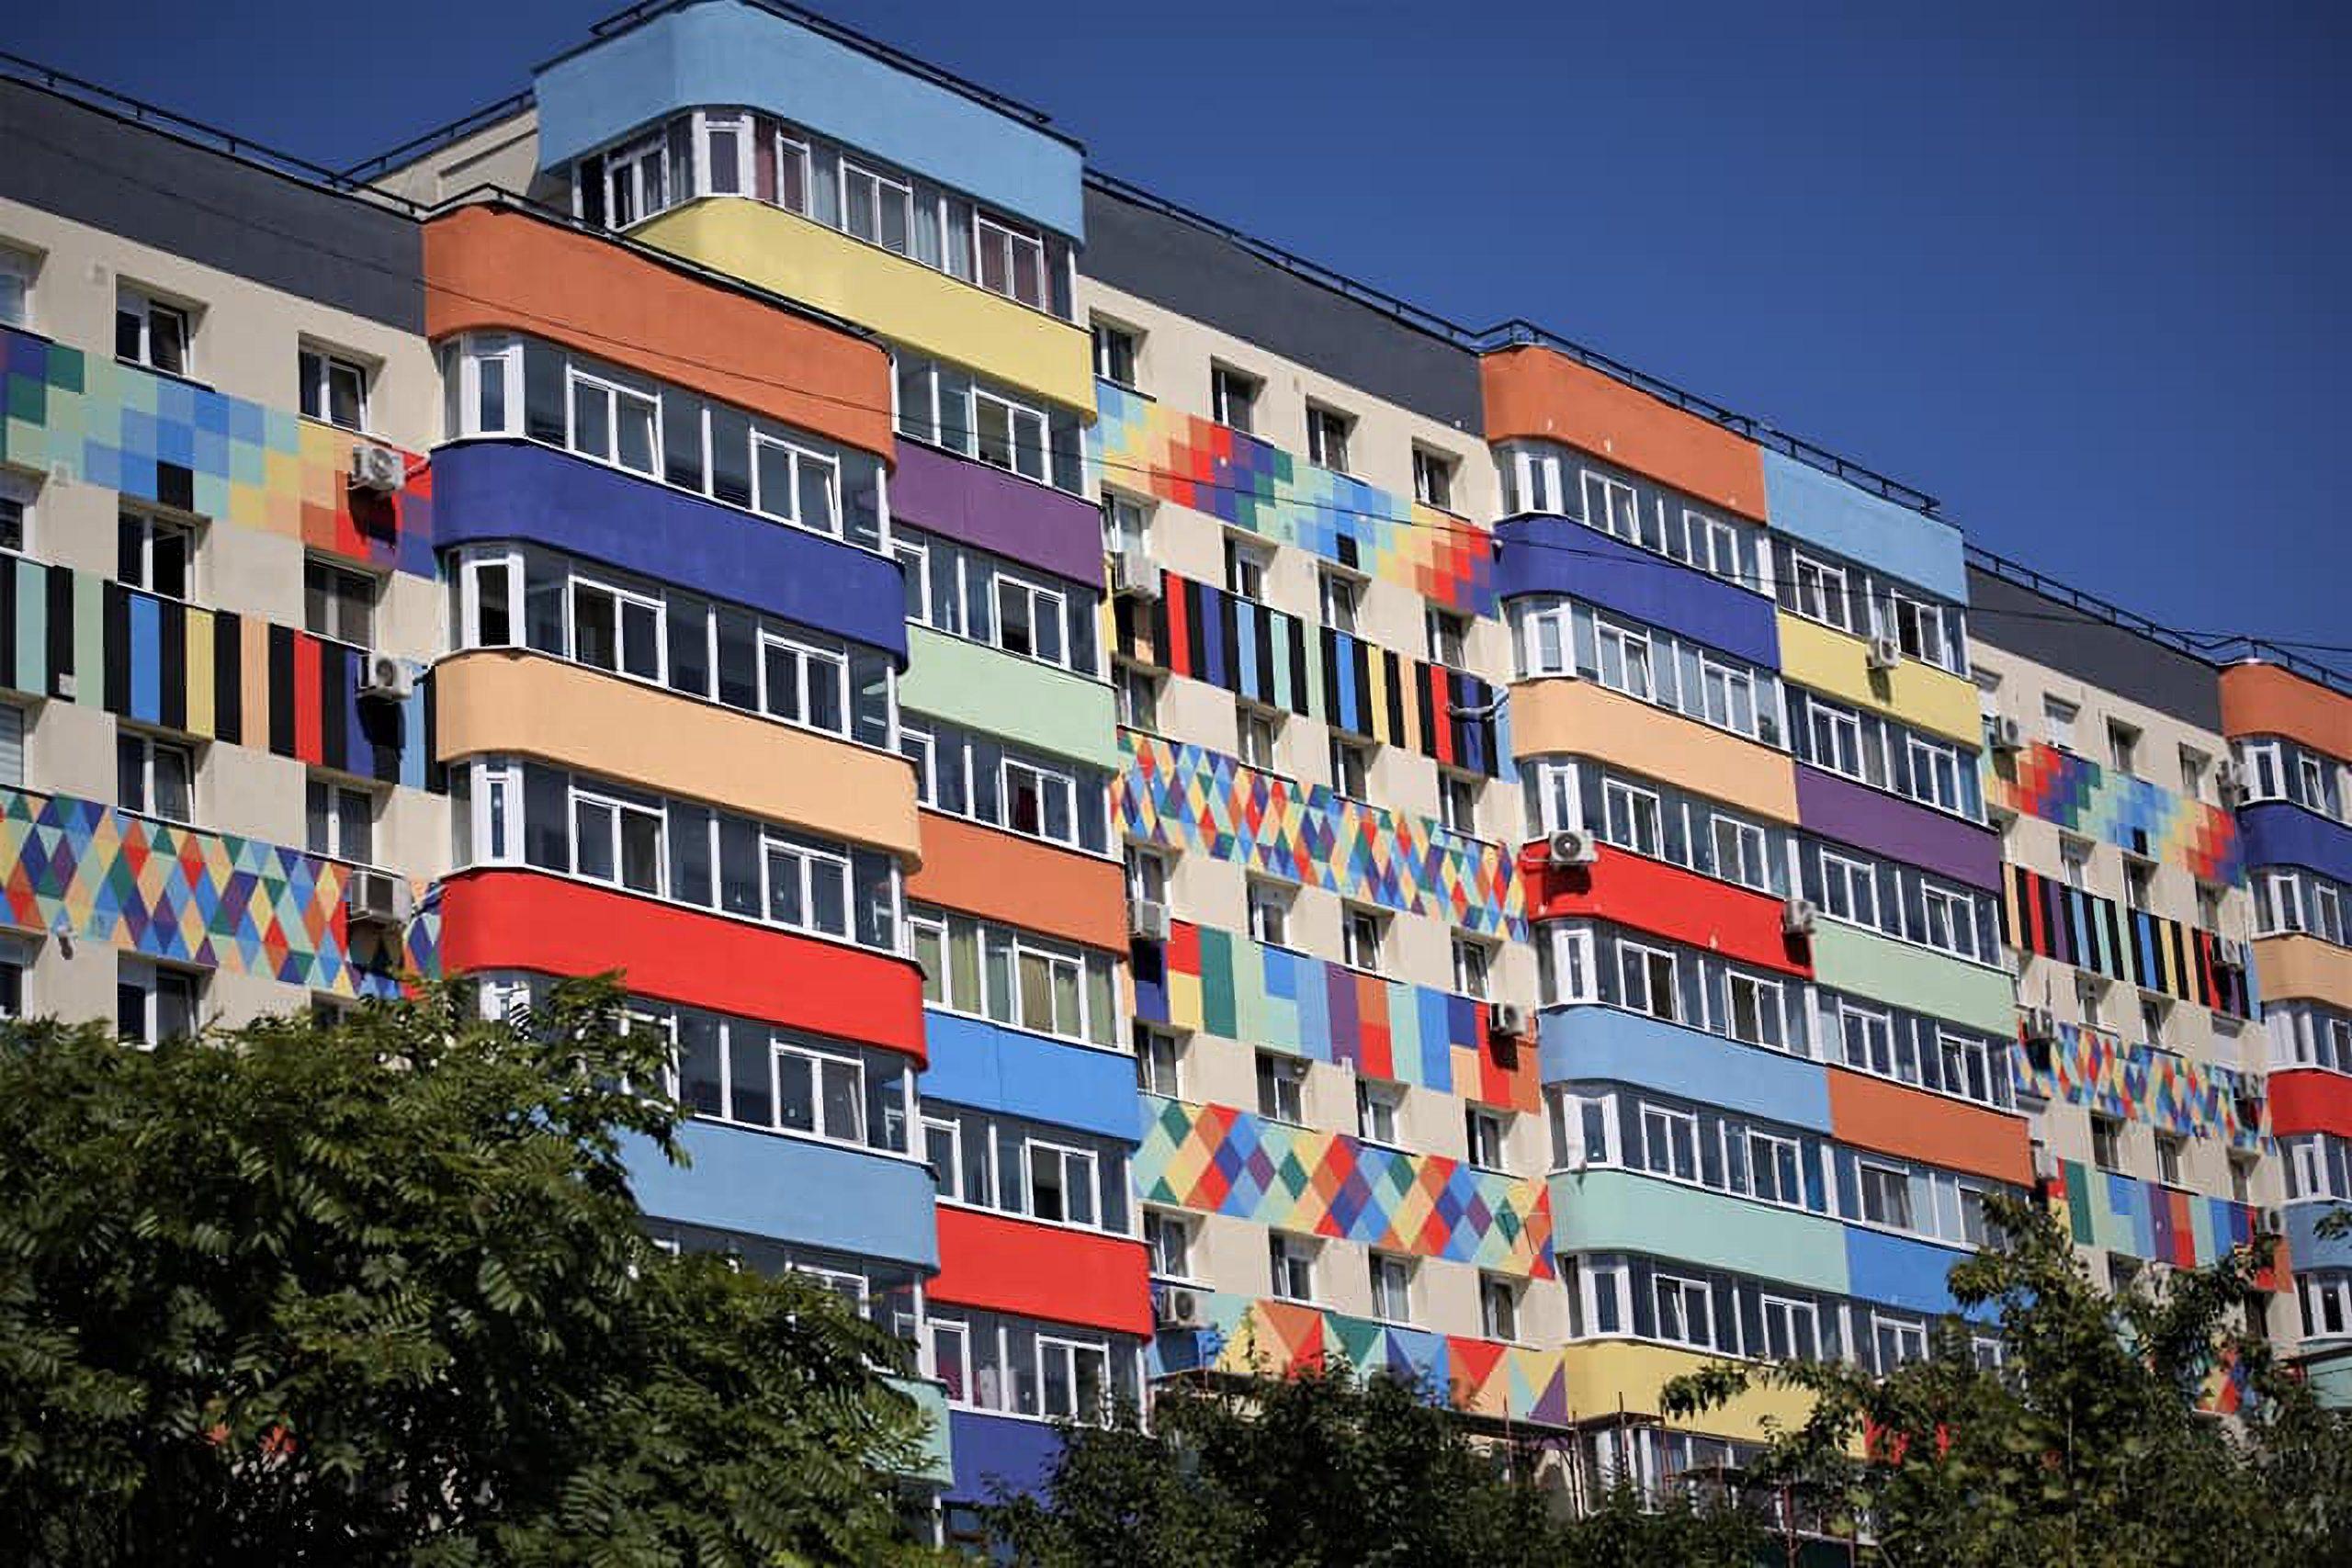 Ce vrea să facă Daniel Băluță pe fațadele blocurilor din Sectorul 4 cu peste 800 de mii de euro. Bucureștenii nu s-au declarat prea încântați de propunerea sa